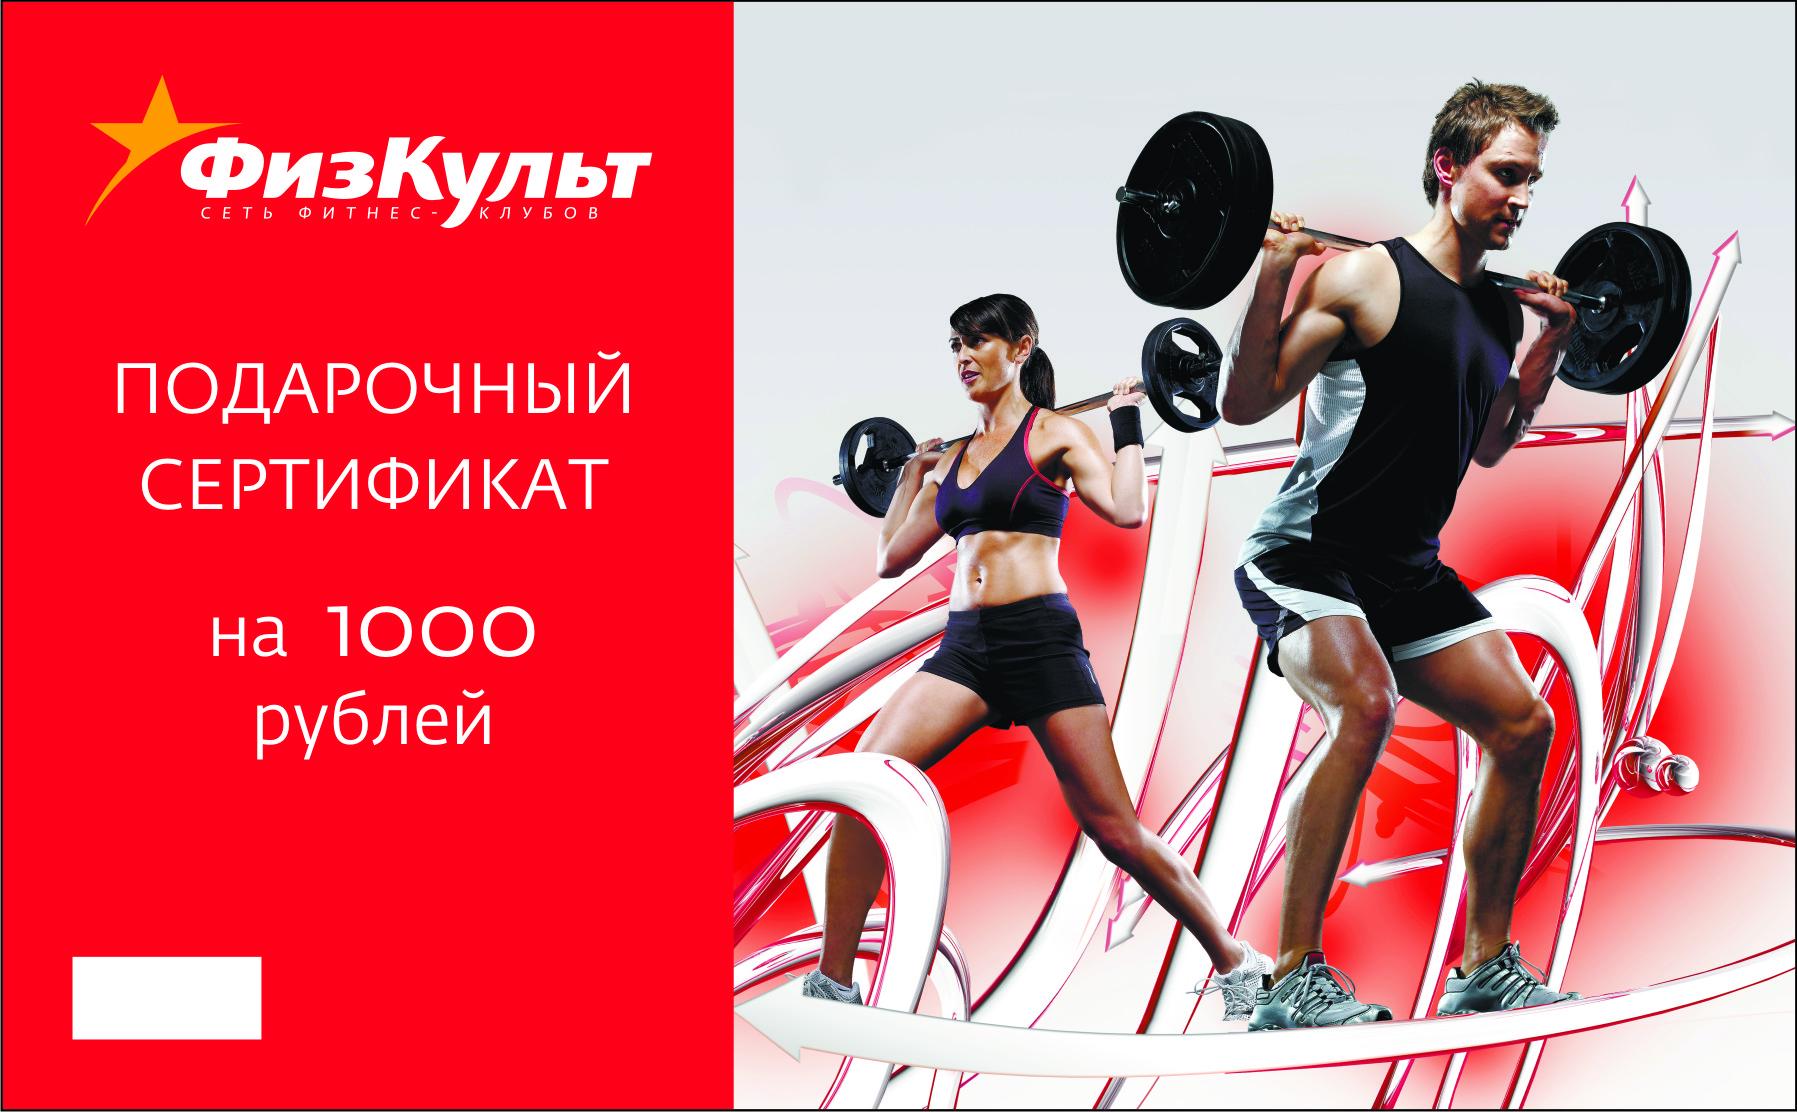 В ПОДАРОК - посещение спорт клуба ФизКульт